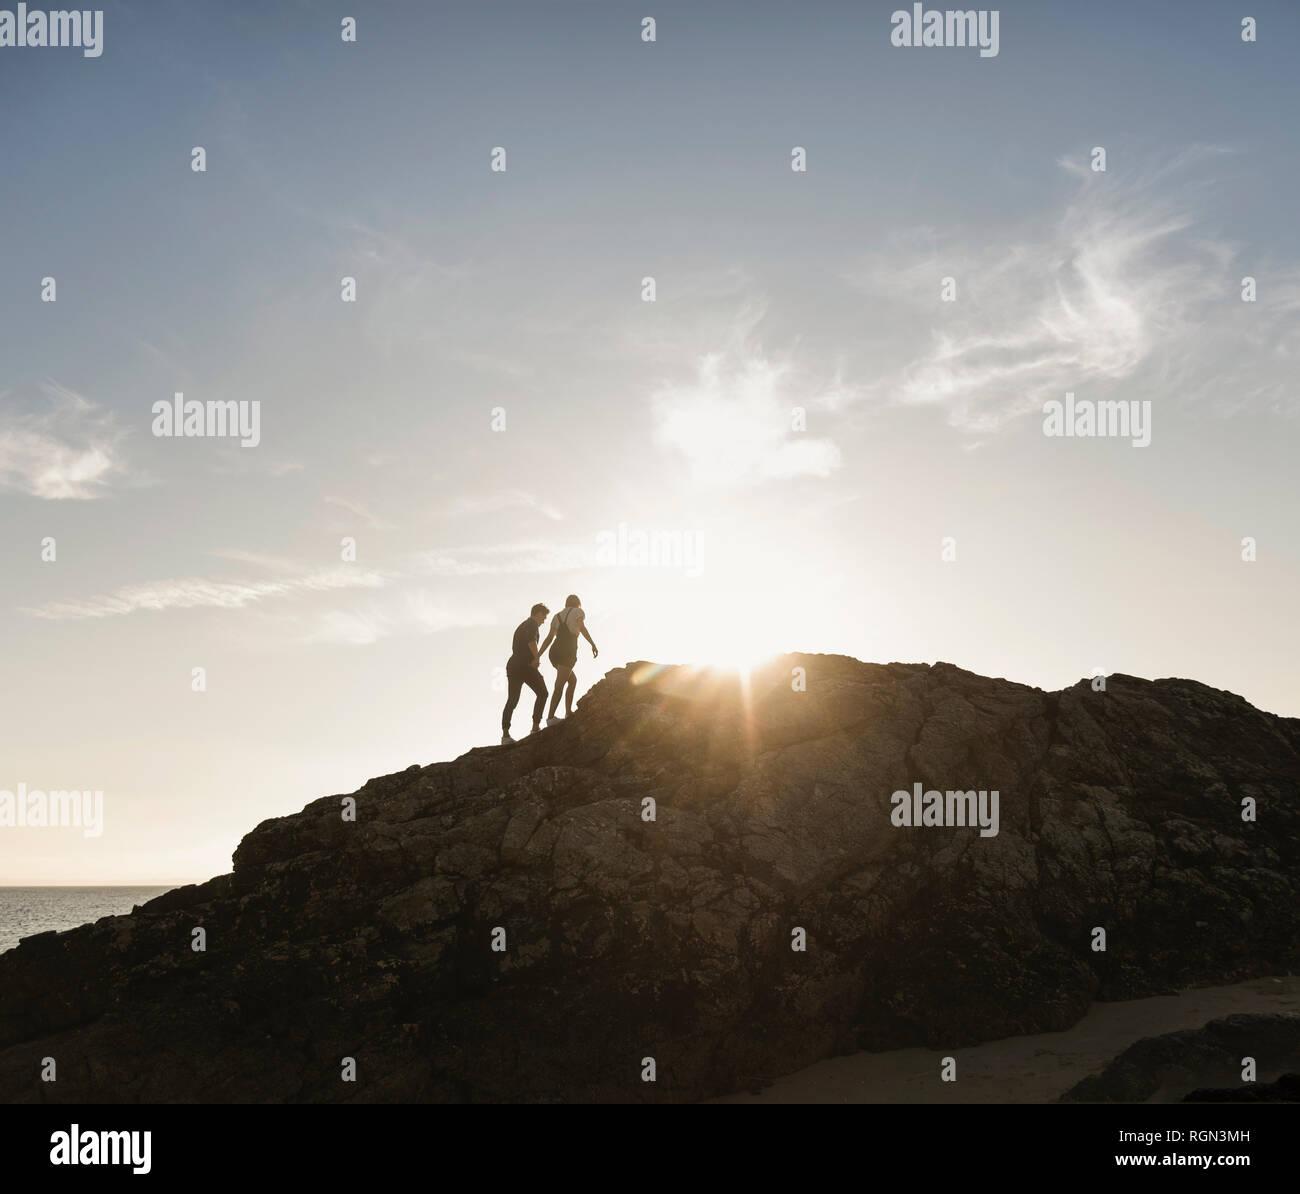 France, Bretagne, jeune couple d'escalade sur un rocher sur la plage au coucher du soleil Banque D'Images